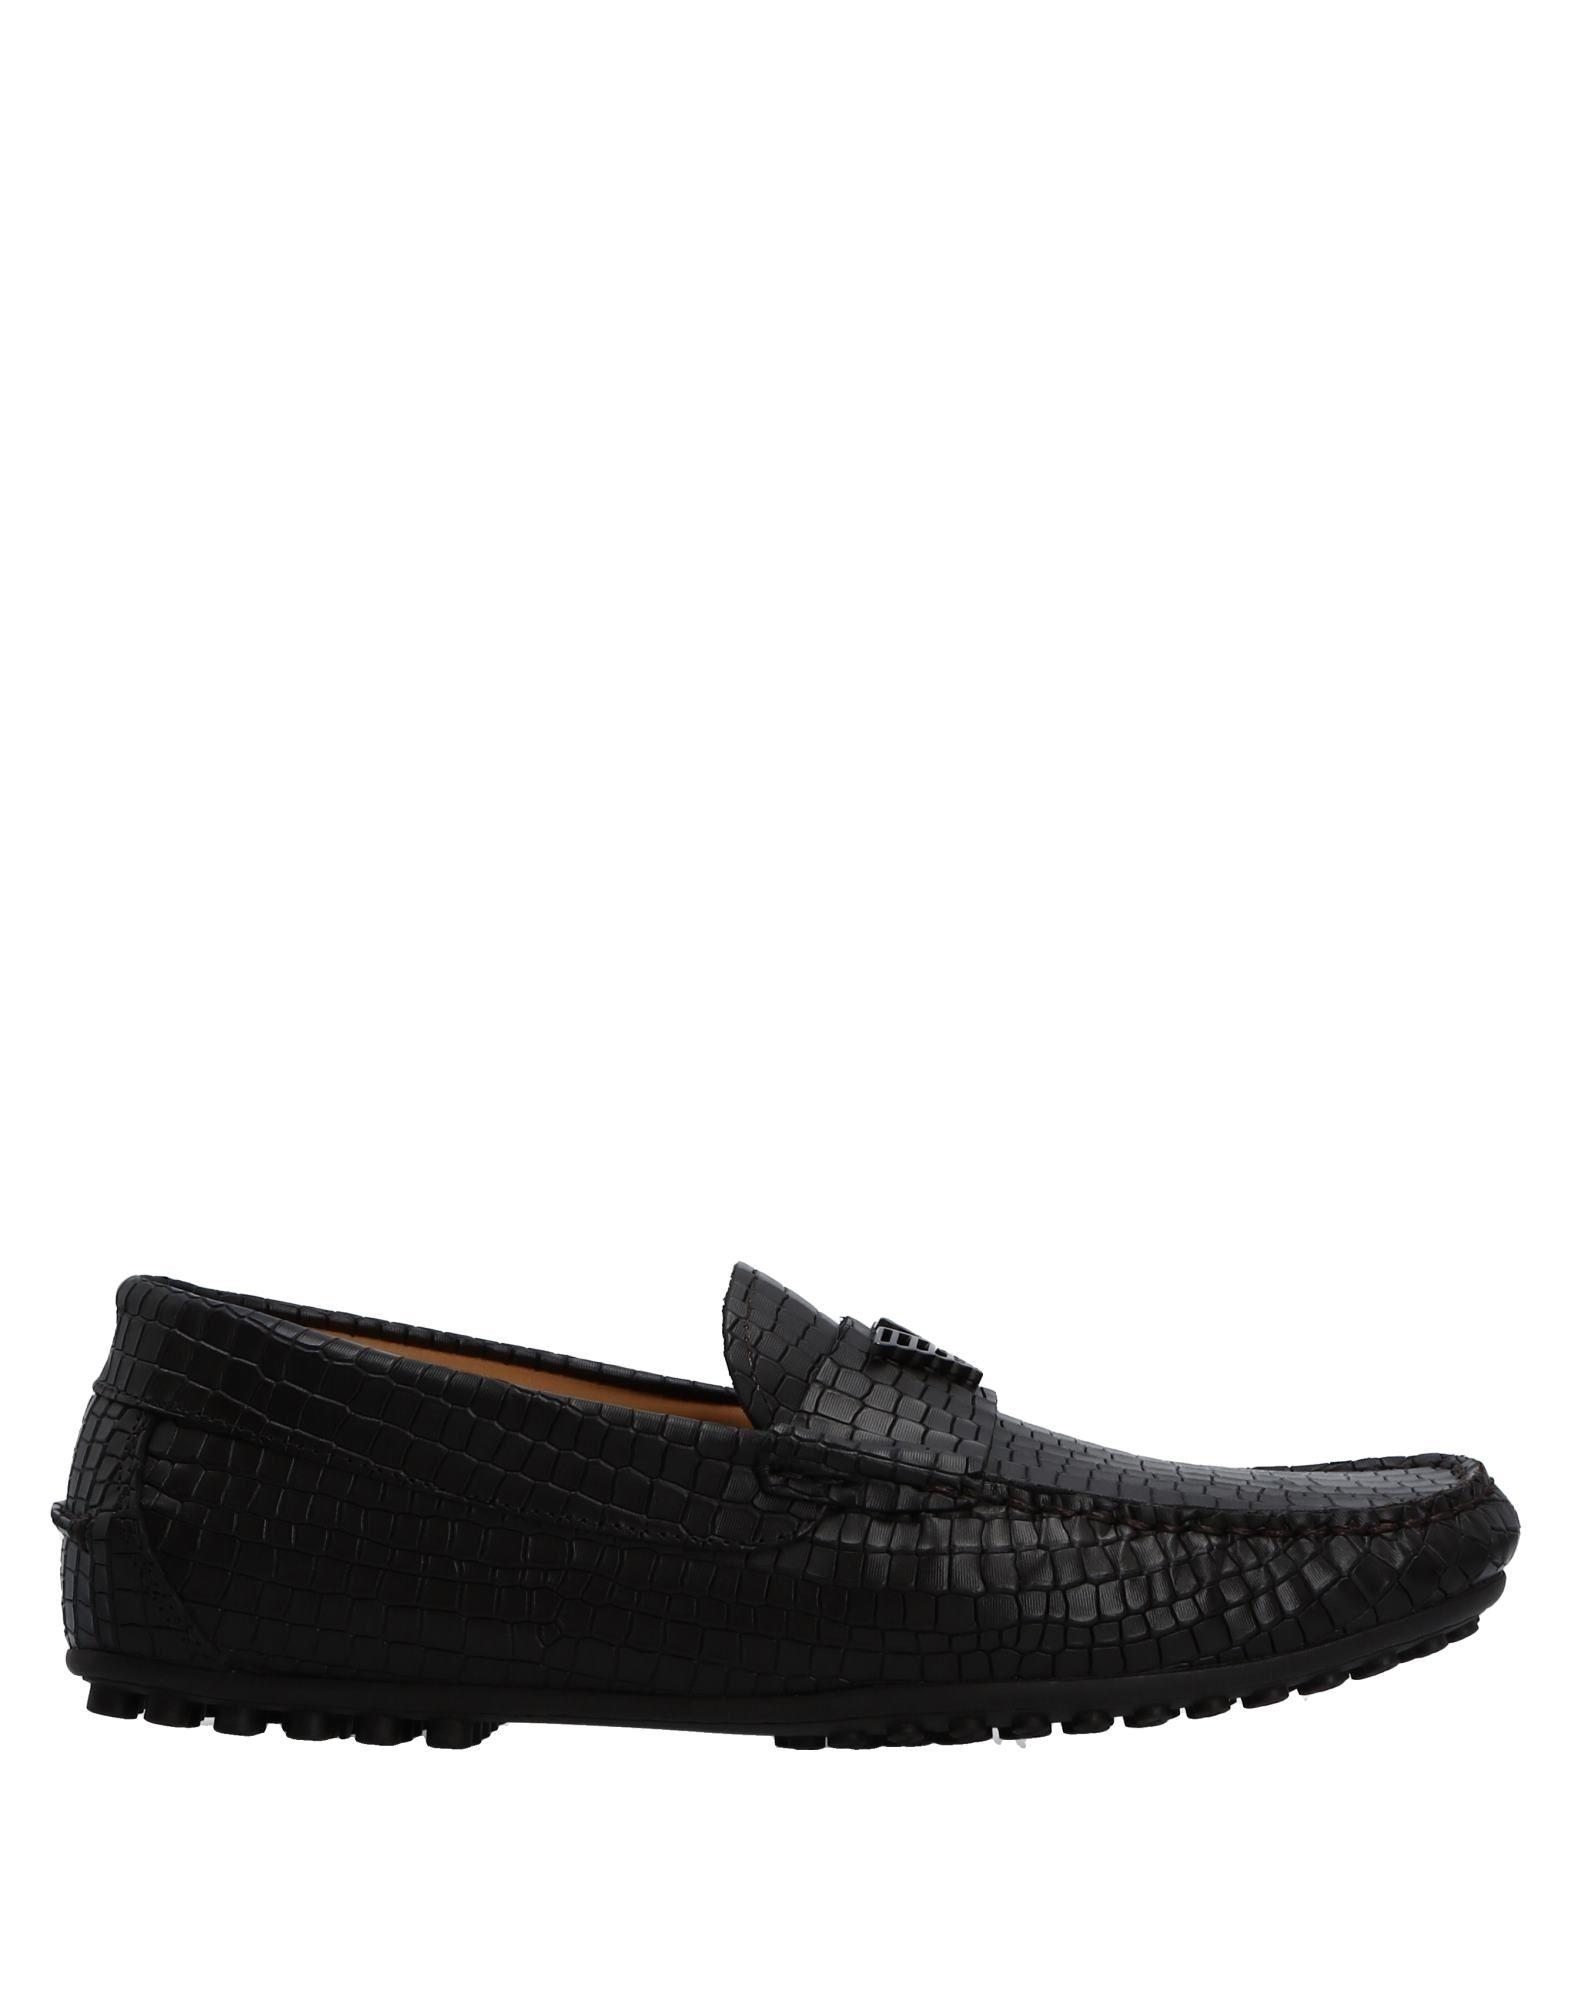 Emporio Armani Mokassins Herren  11529101QA Gute Qualität beliebte Schuhe